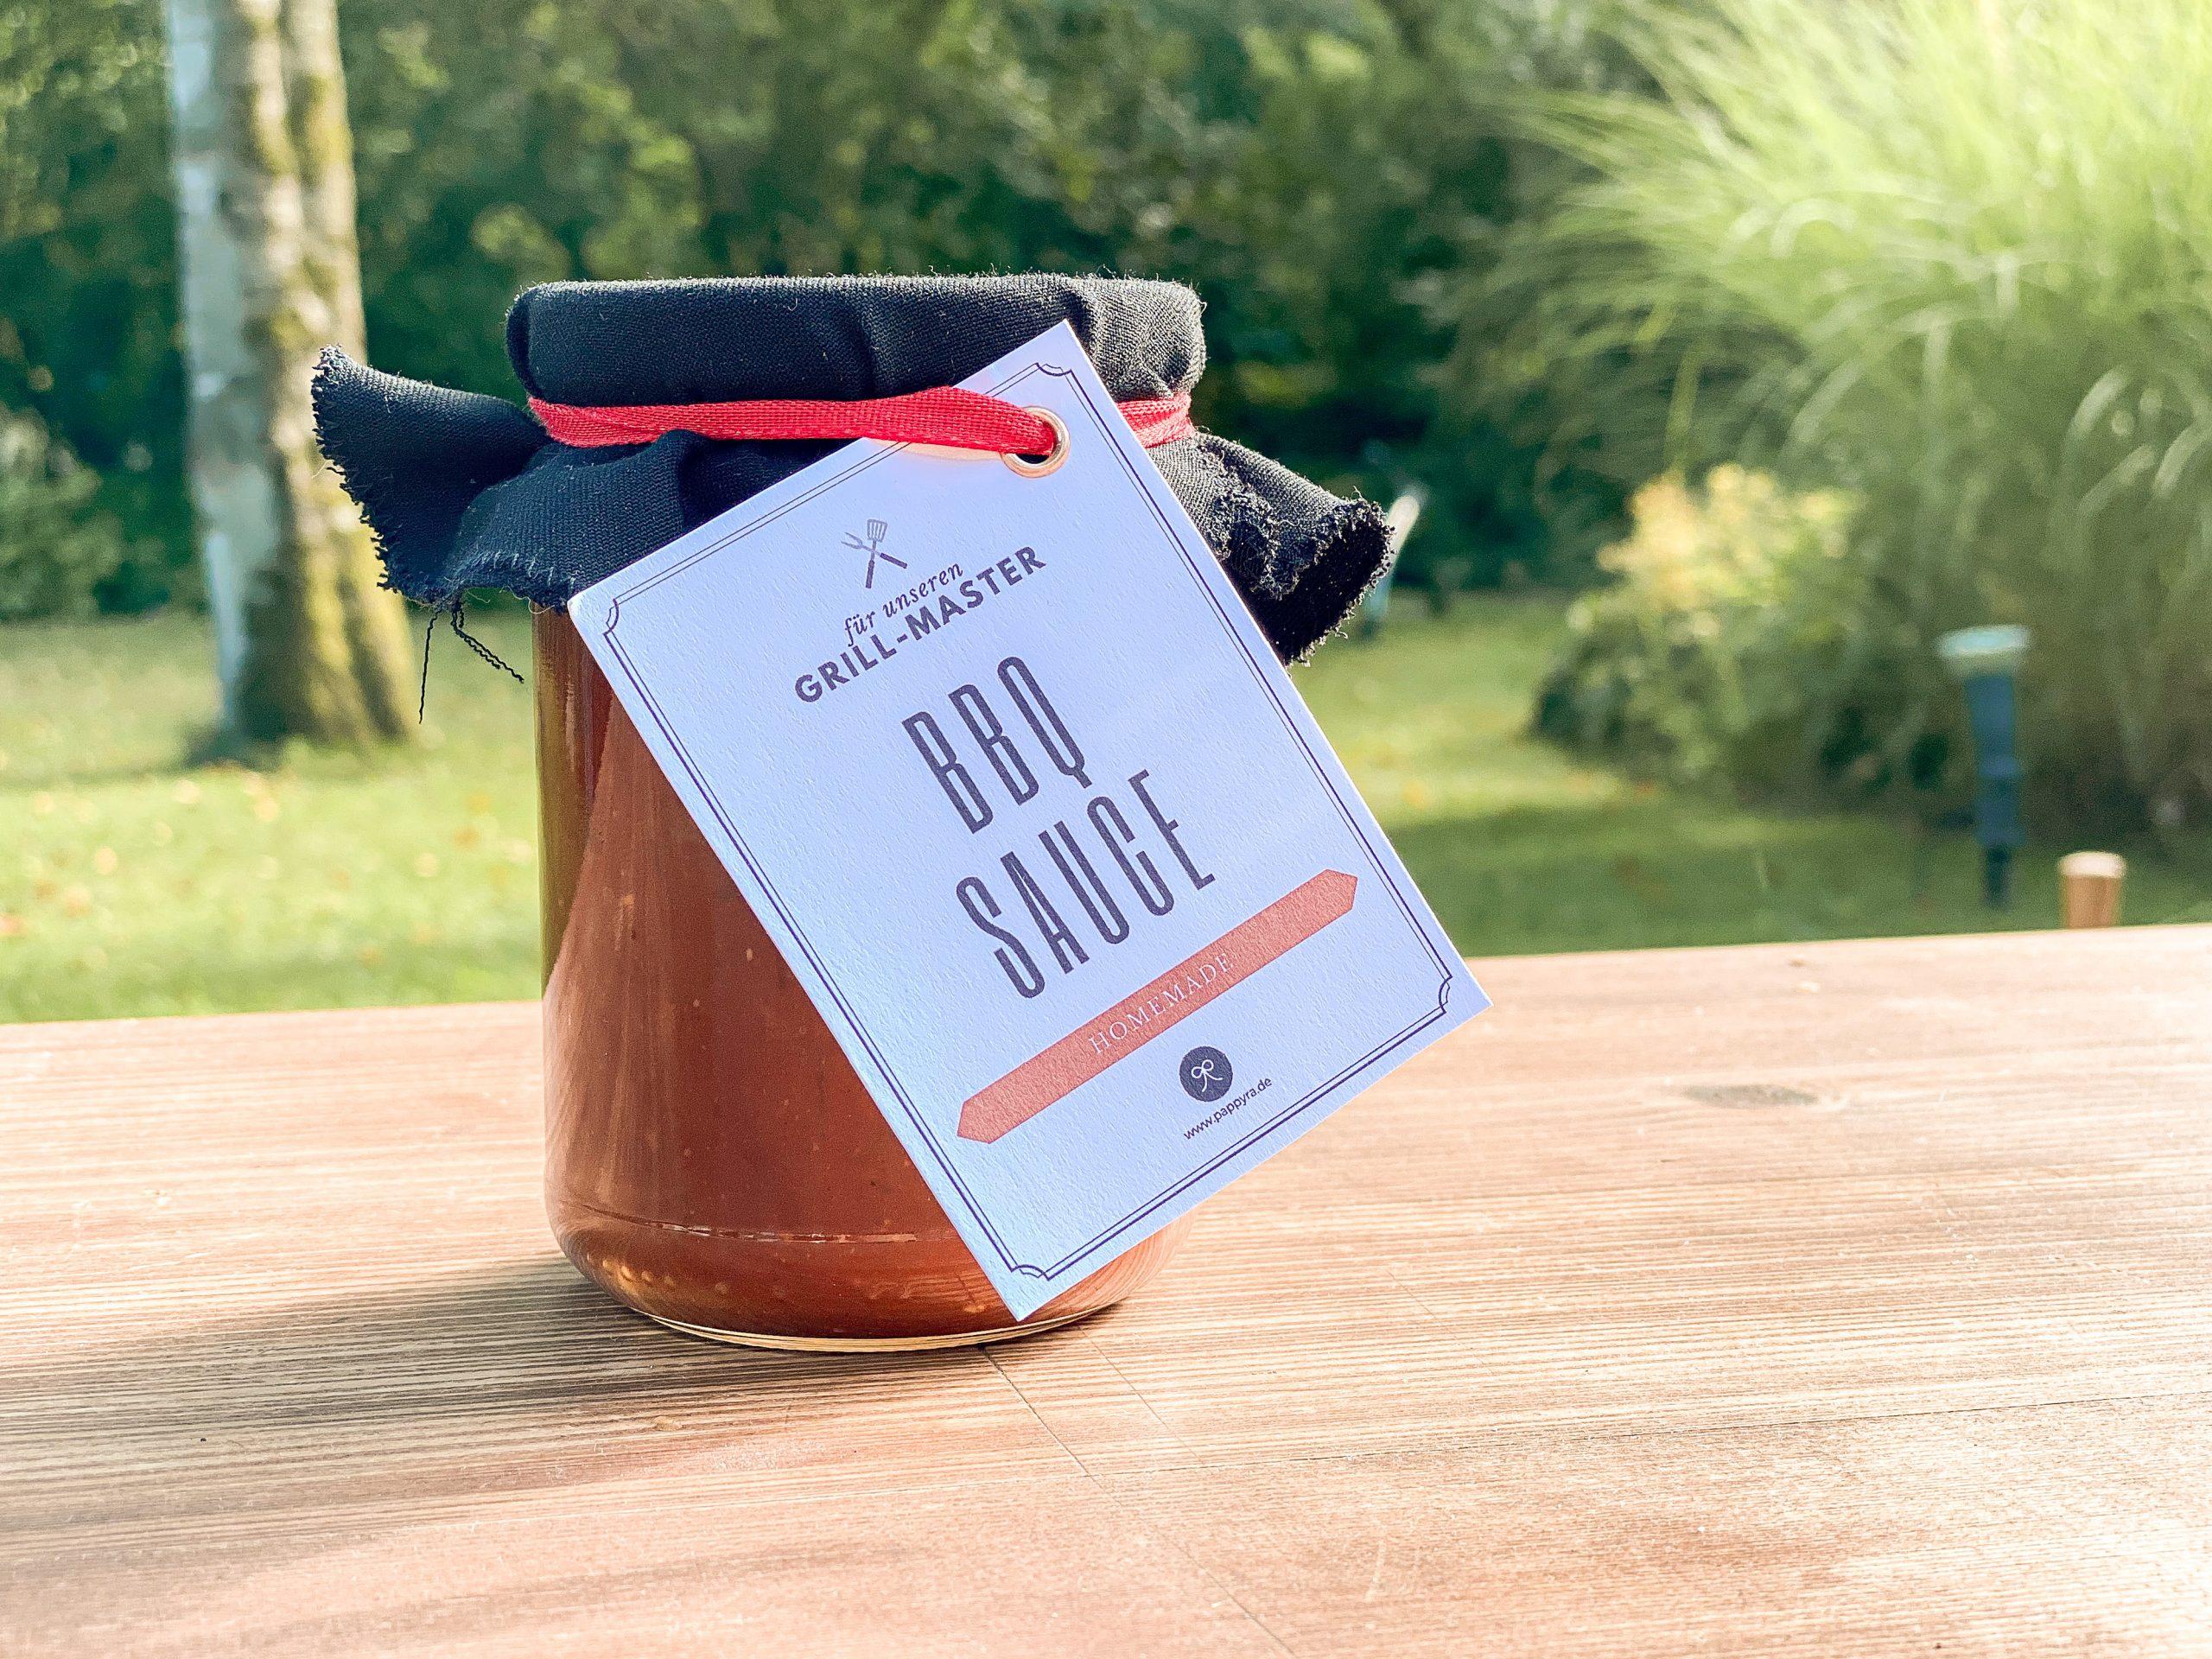 Selbstgemachte BBQ-Sauce in Einwegglas mit Geschenkanhänger.